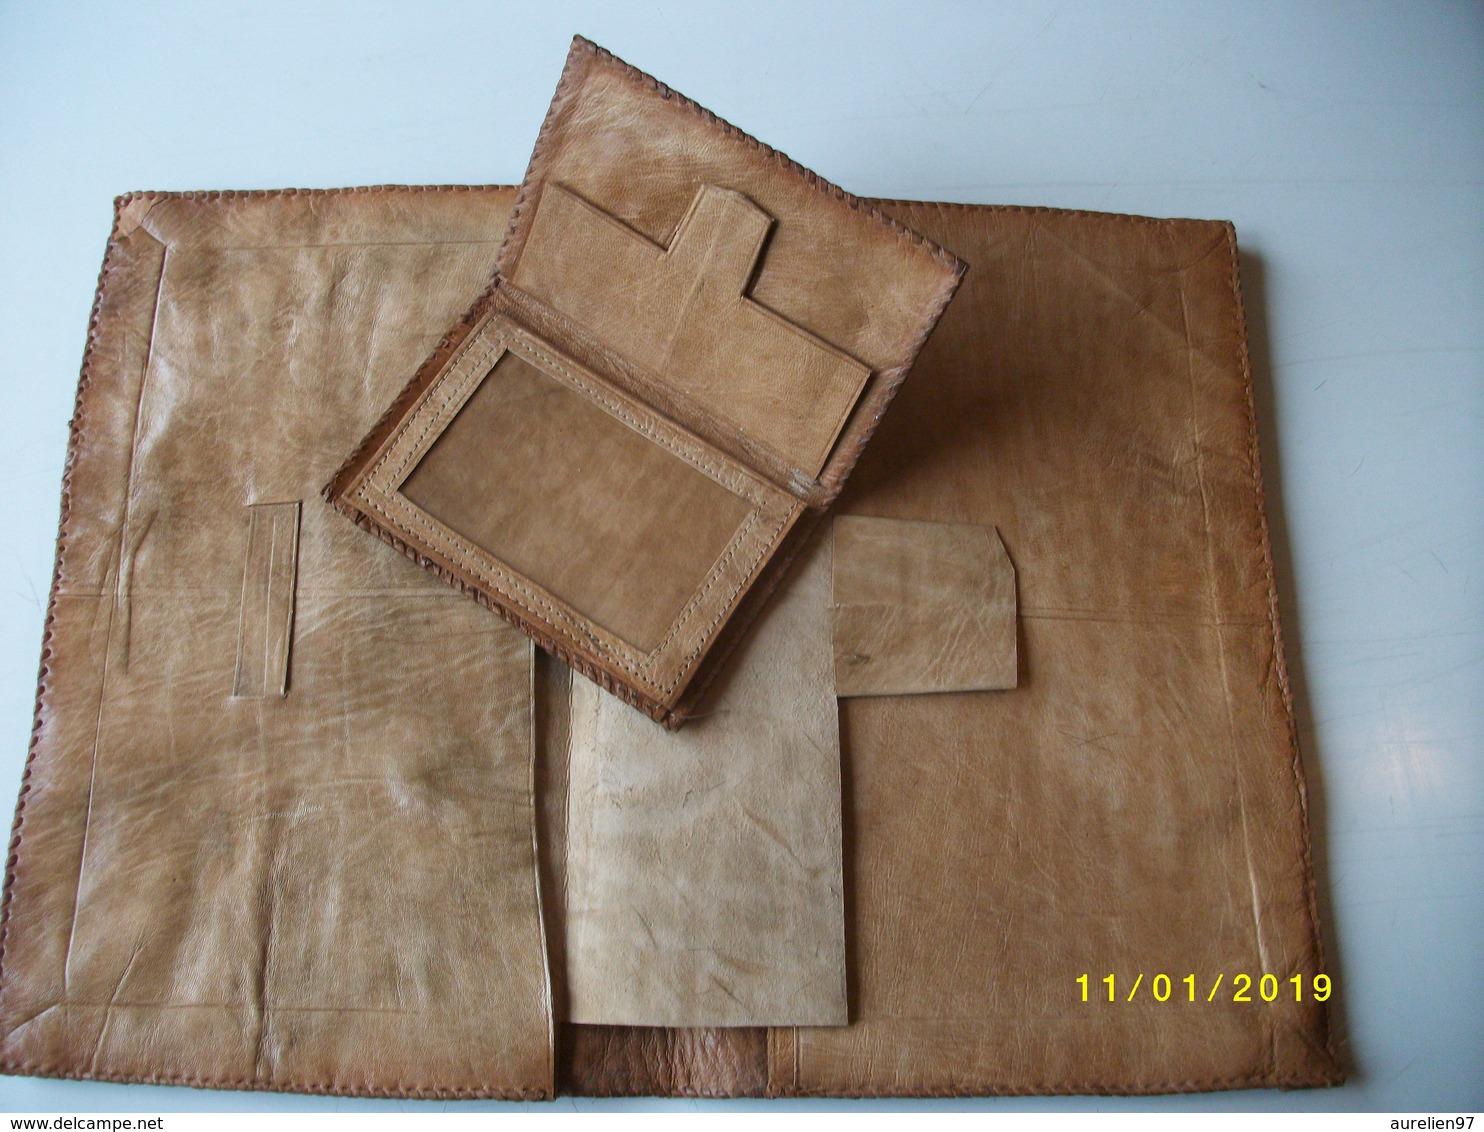 Enselble Composé D'un Pochette  Et D'un Porte-monnaie En Cuir De Zébu - Art Africain